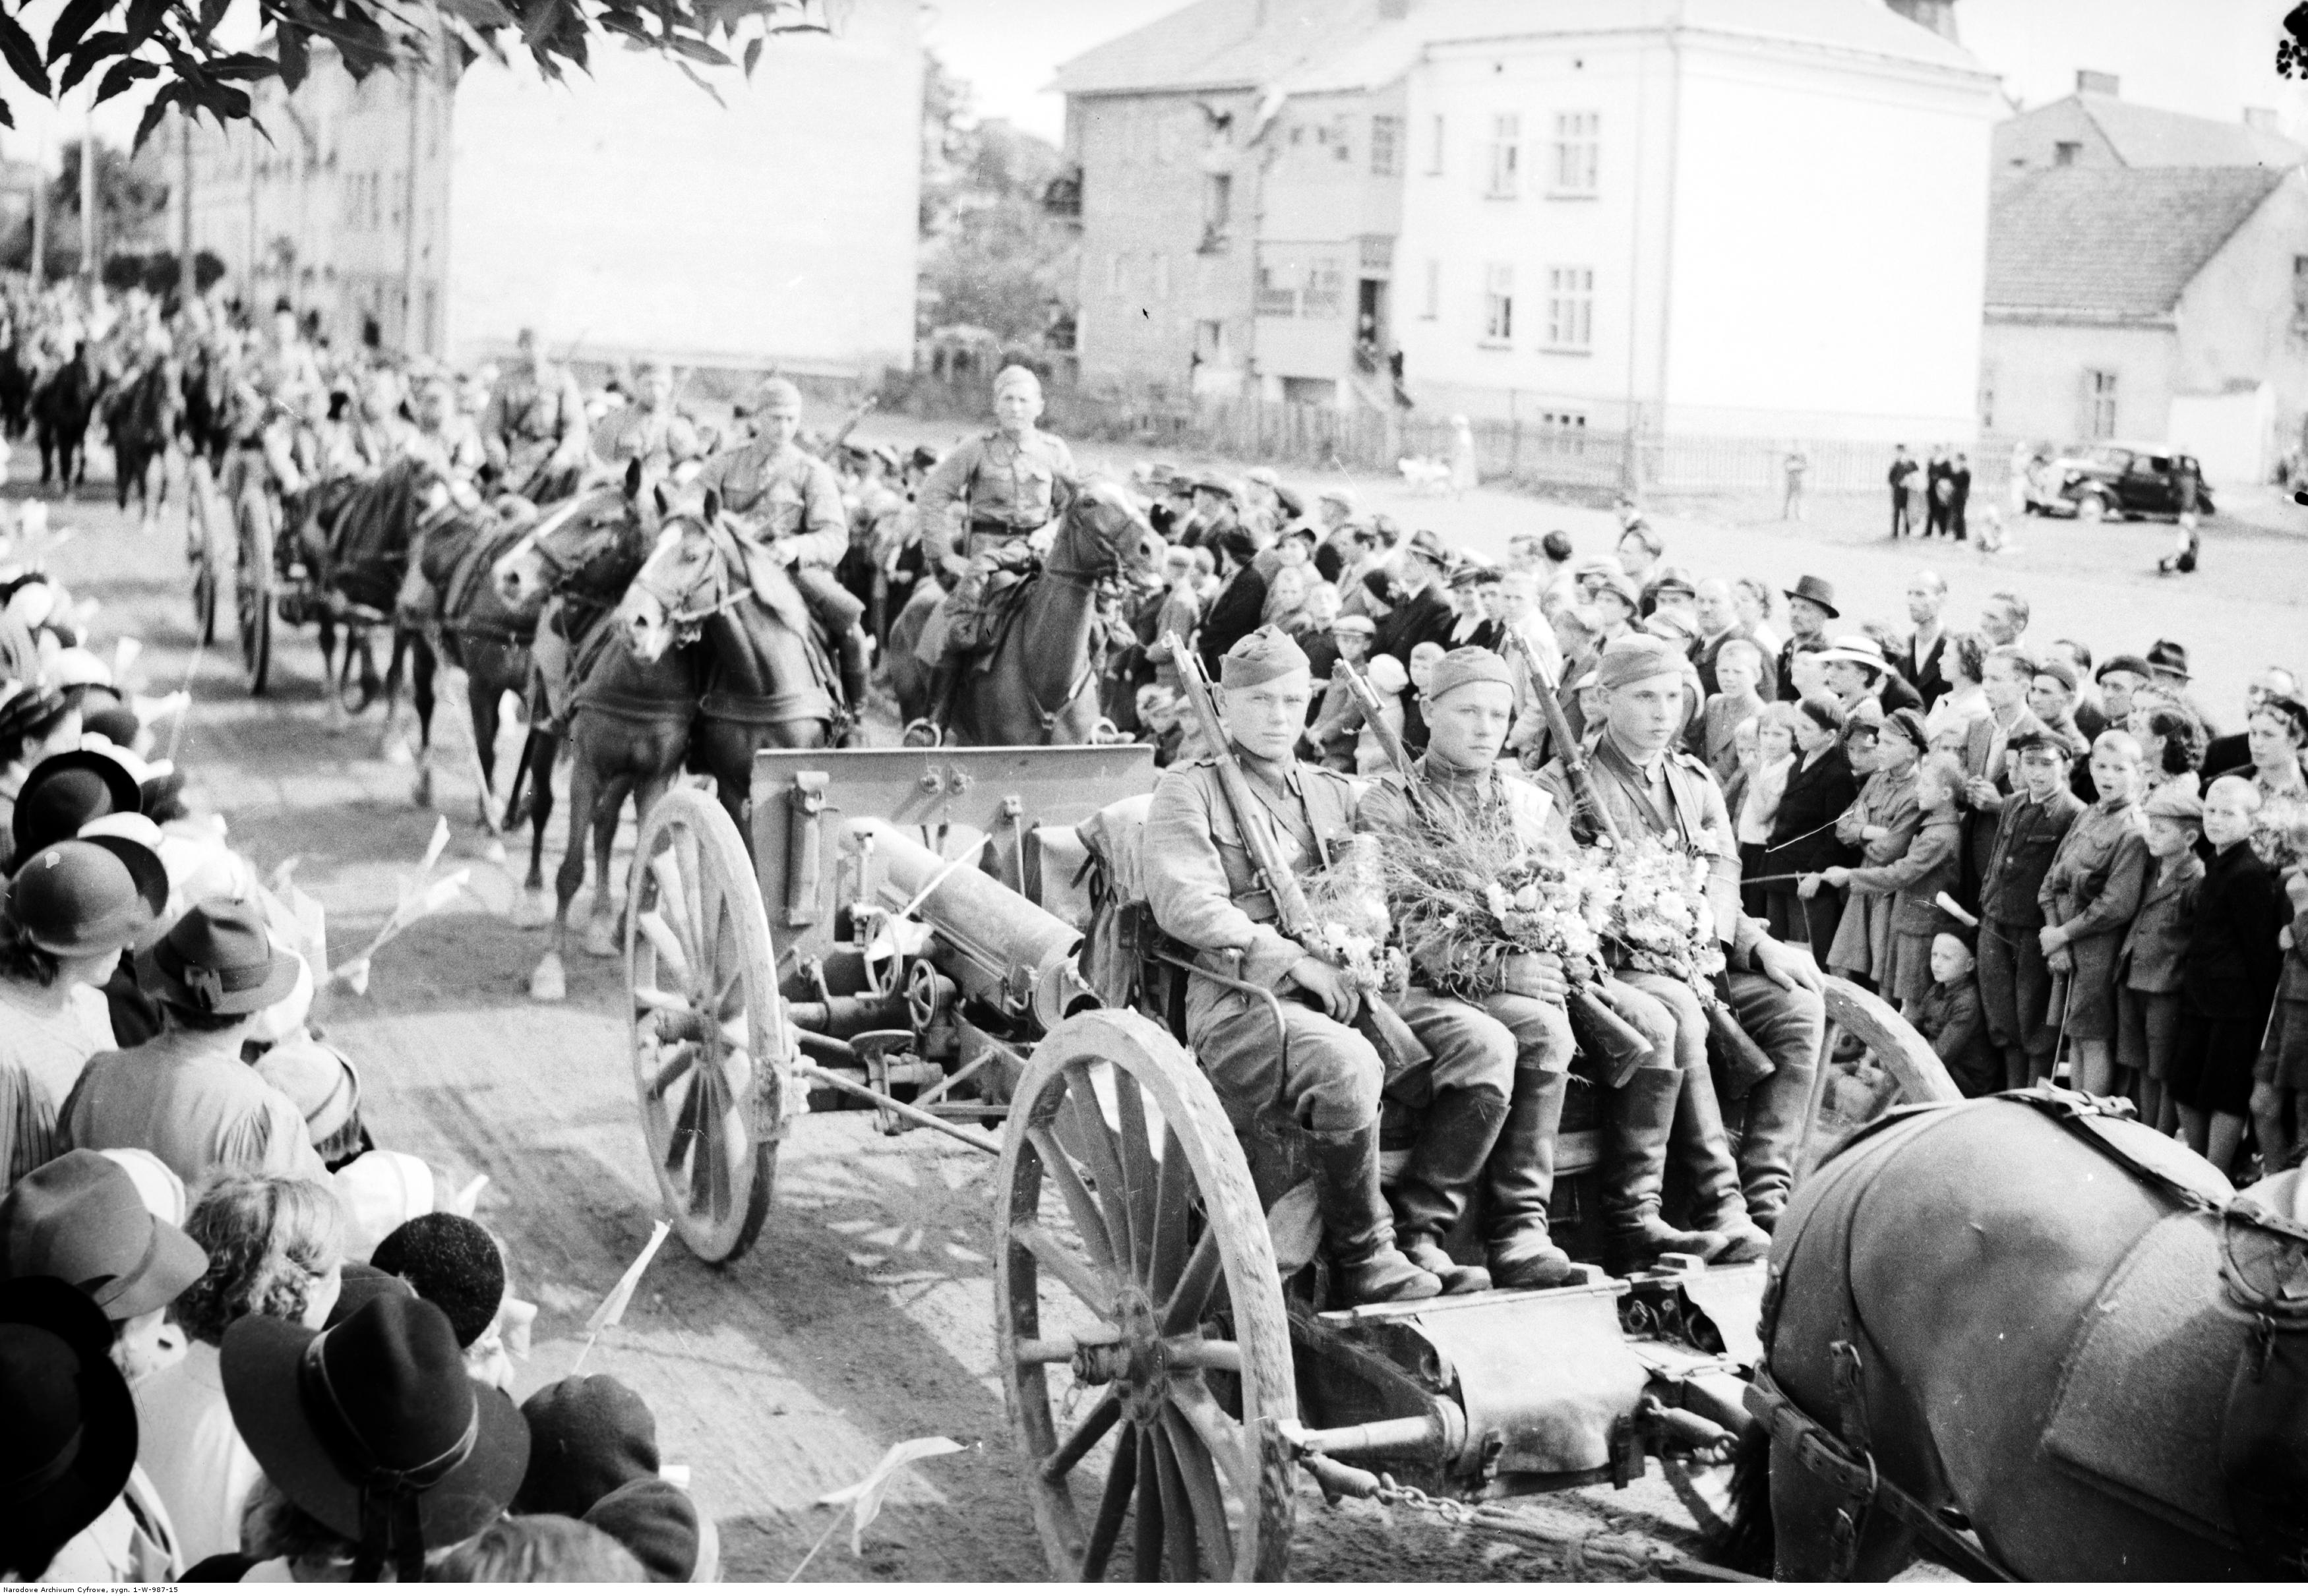 Powrót wojska po manewrach do Rzeszowa. Powitanie wojska wracającego z manewrów. Widoczny zaprzęg artyleryjski - armata polowa 75 mm wz. 1897 Schneider wraz z przodkiem i obsługą, rok 1938-09